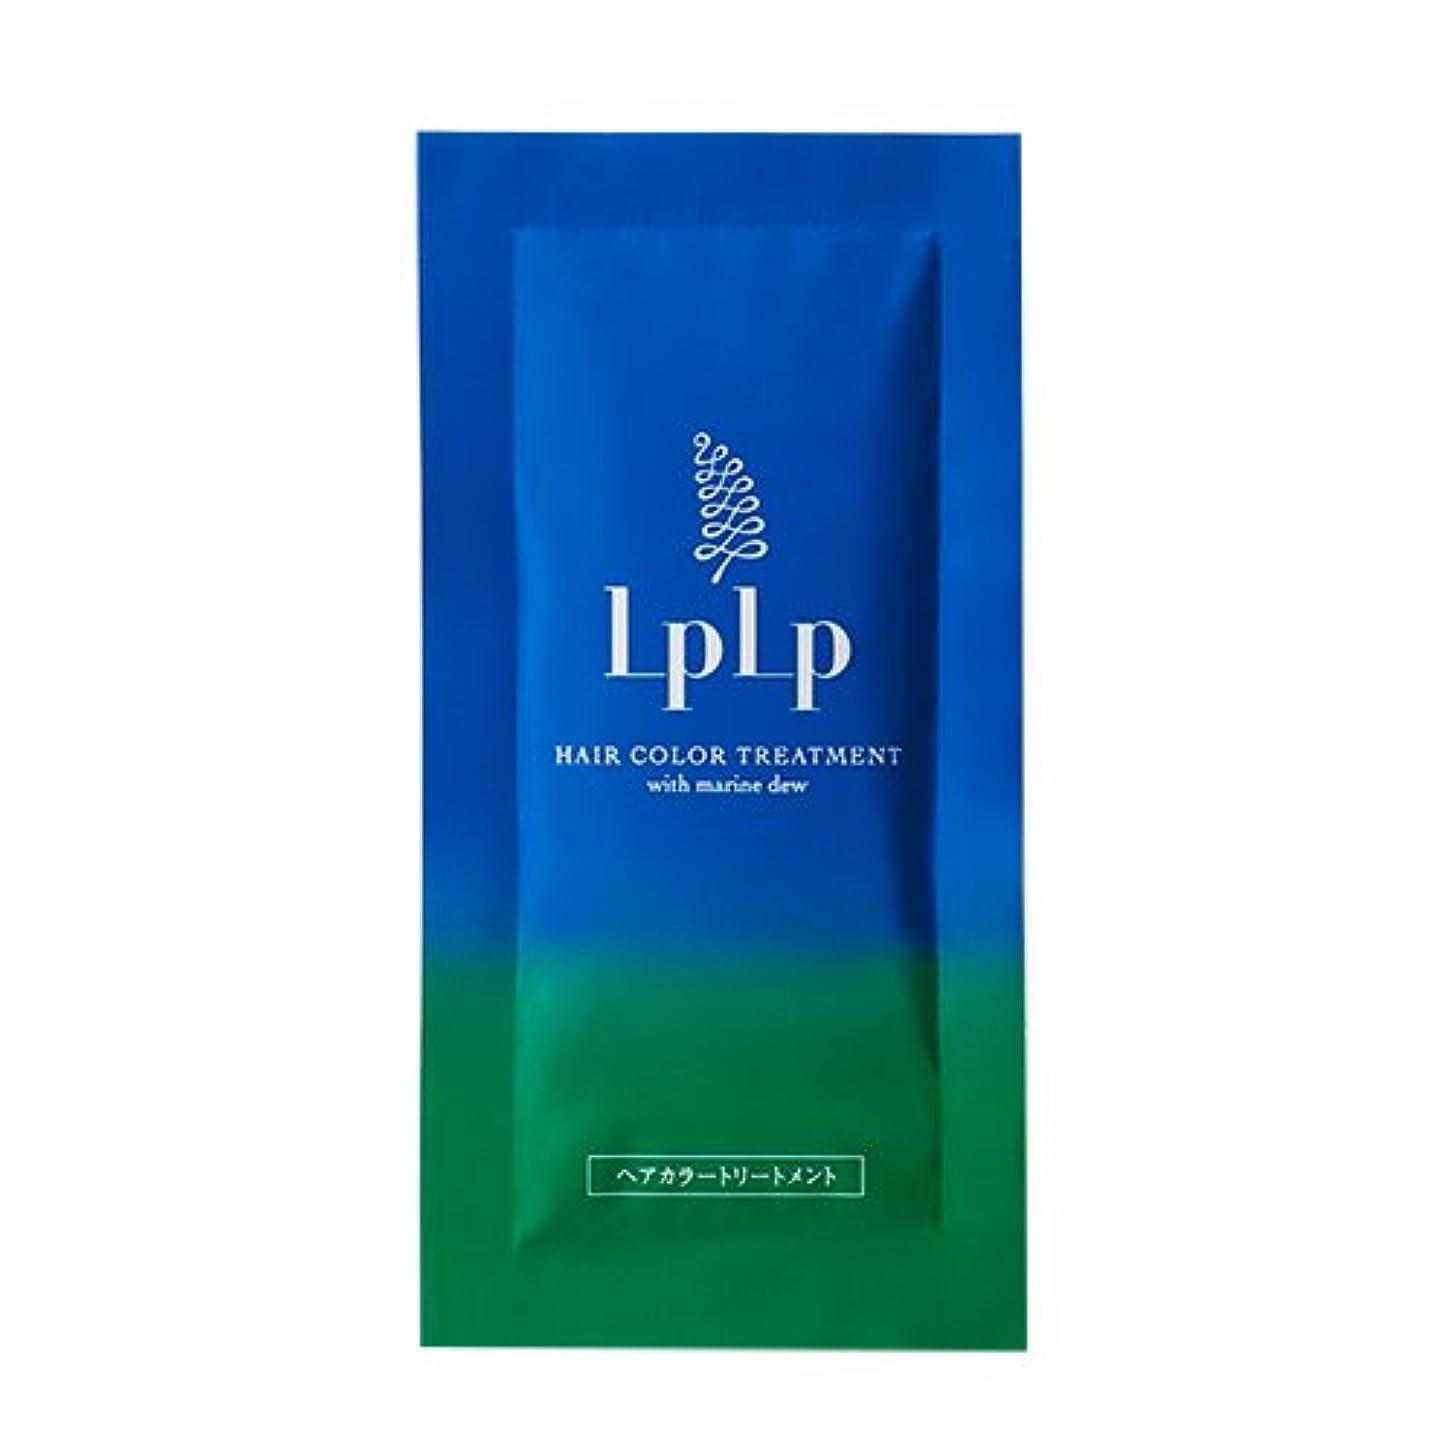 フリッパーおしゃれな着るLPLP(ルプルプ)ヘアカラートリートメントお試しパウチ ダークブラウン